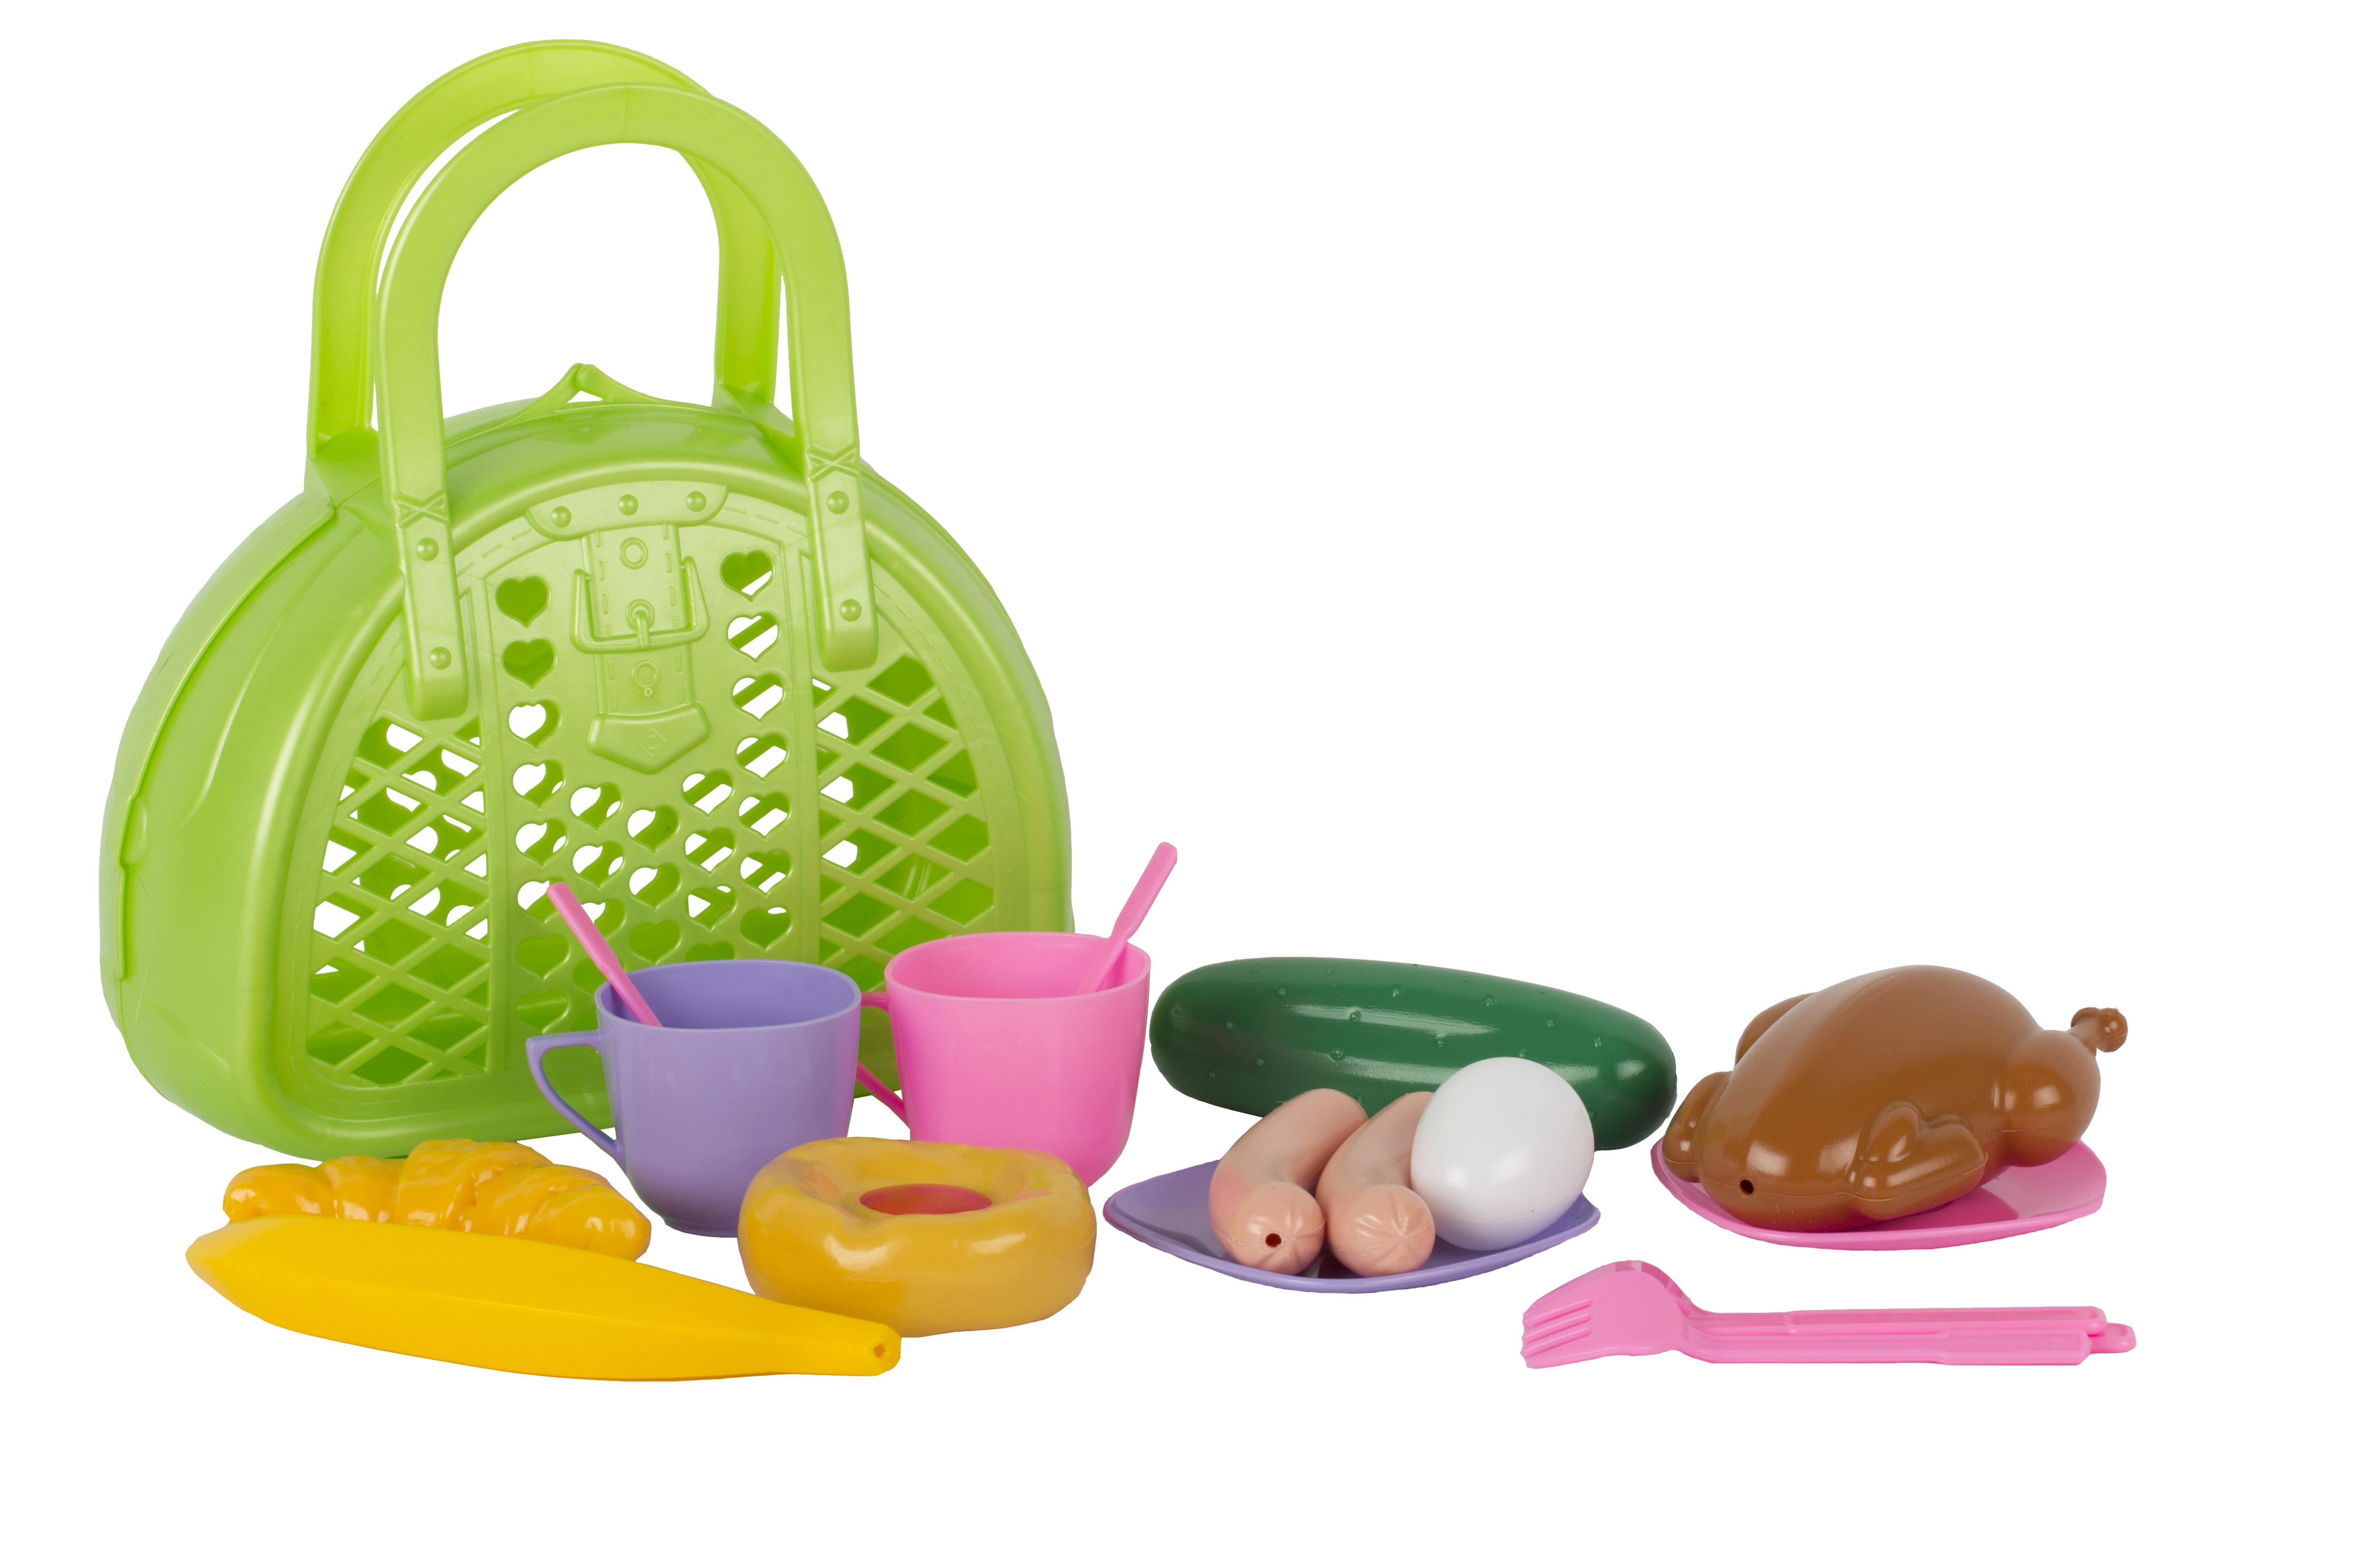 Посуда и наборы продуктов Спектр Завтрак путешественника в сумочке new original fx3u 80mt dss plc base unit